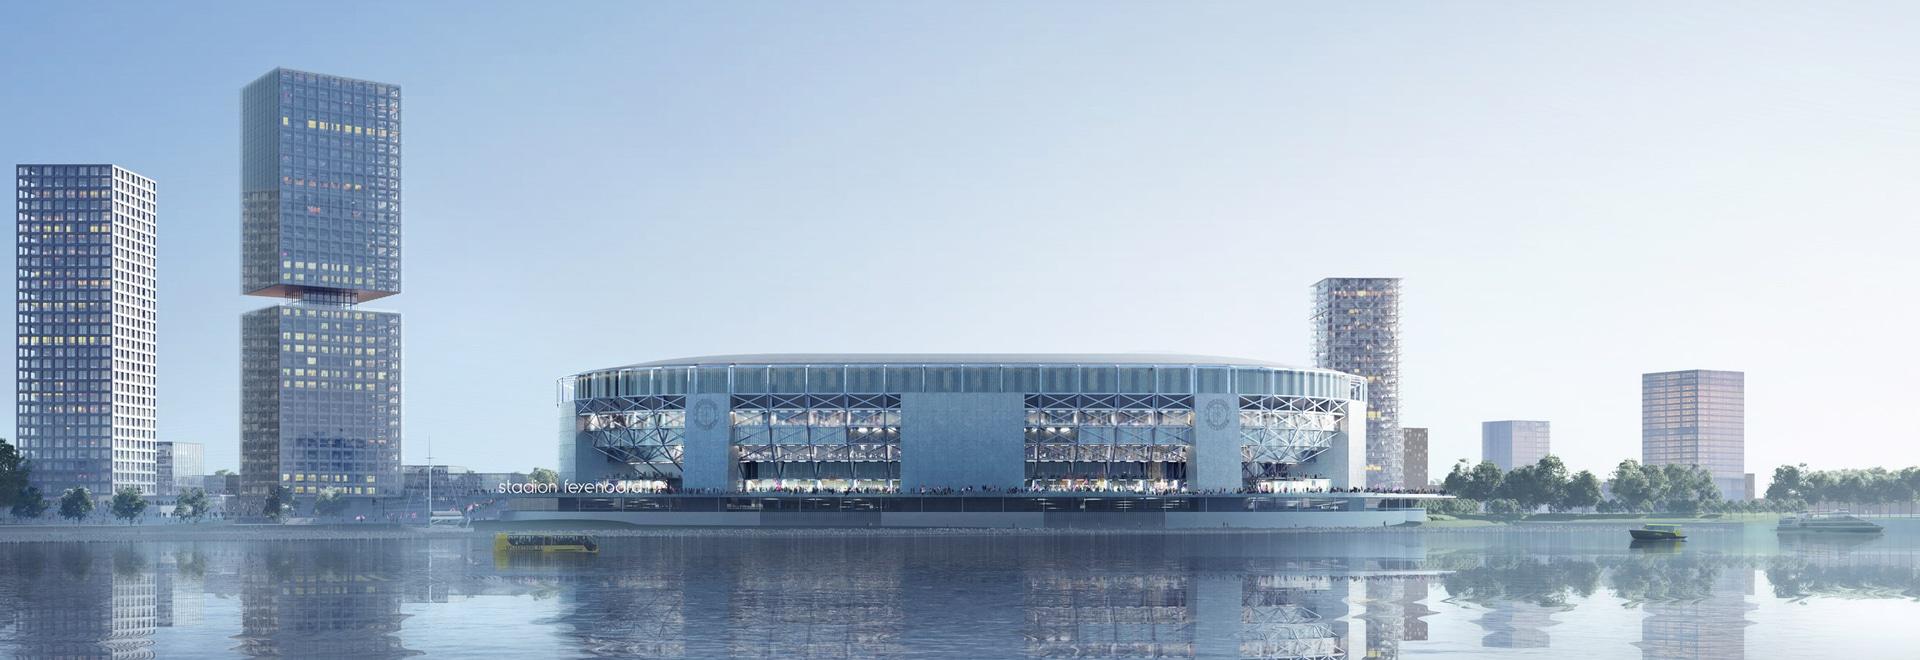 OMA stellt Pläne für größtes Fußballstadion in den Niederlanden vor